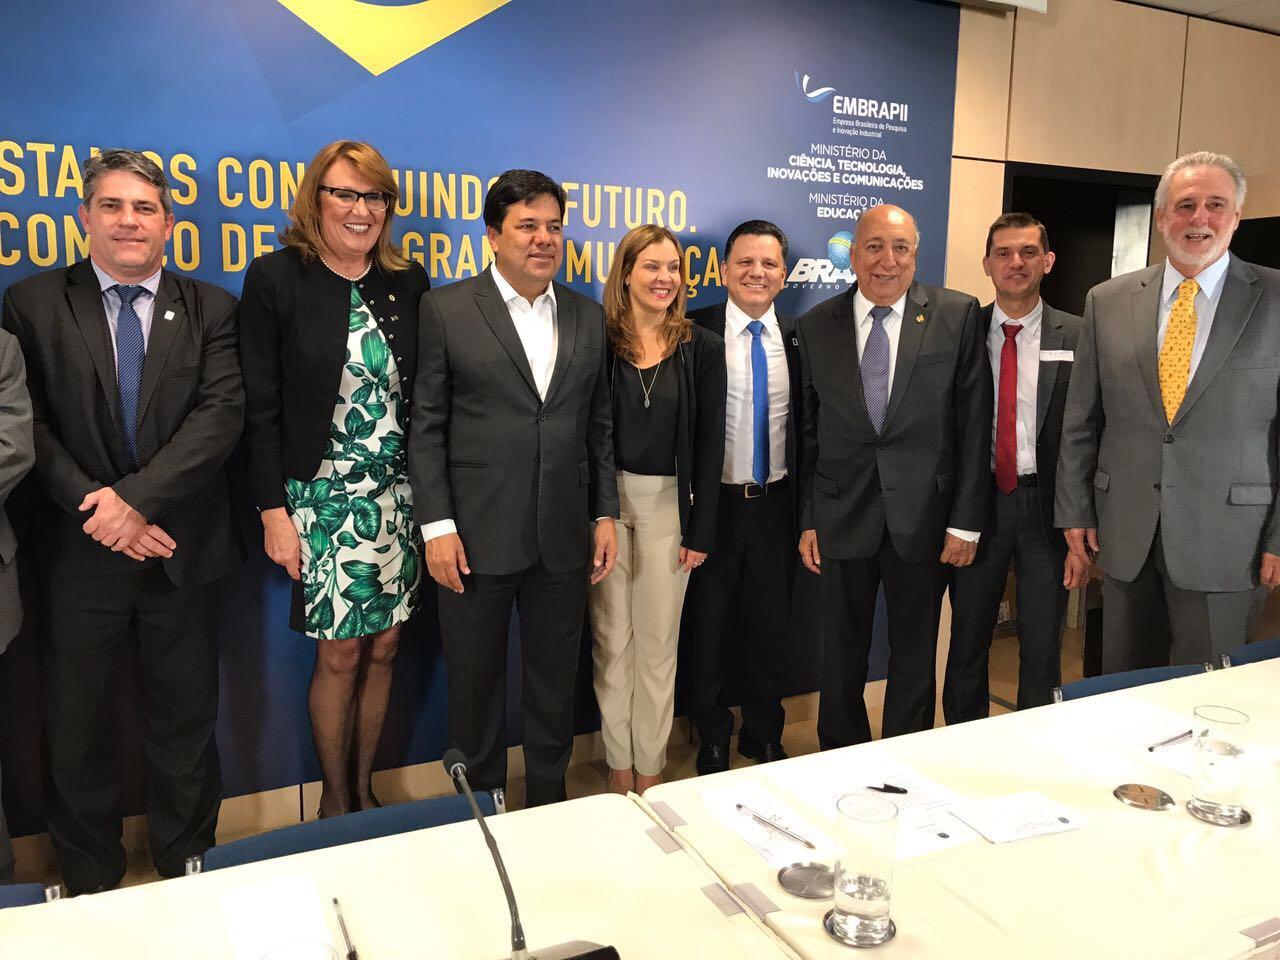 Autoridades no palco do auditório do MEC para foto oficial.